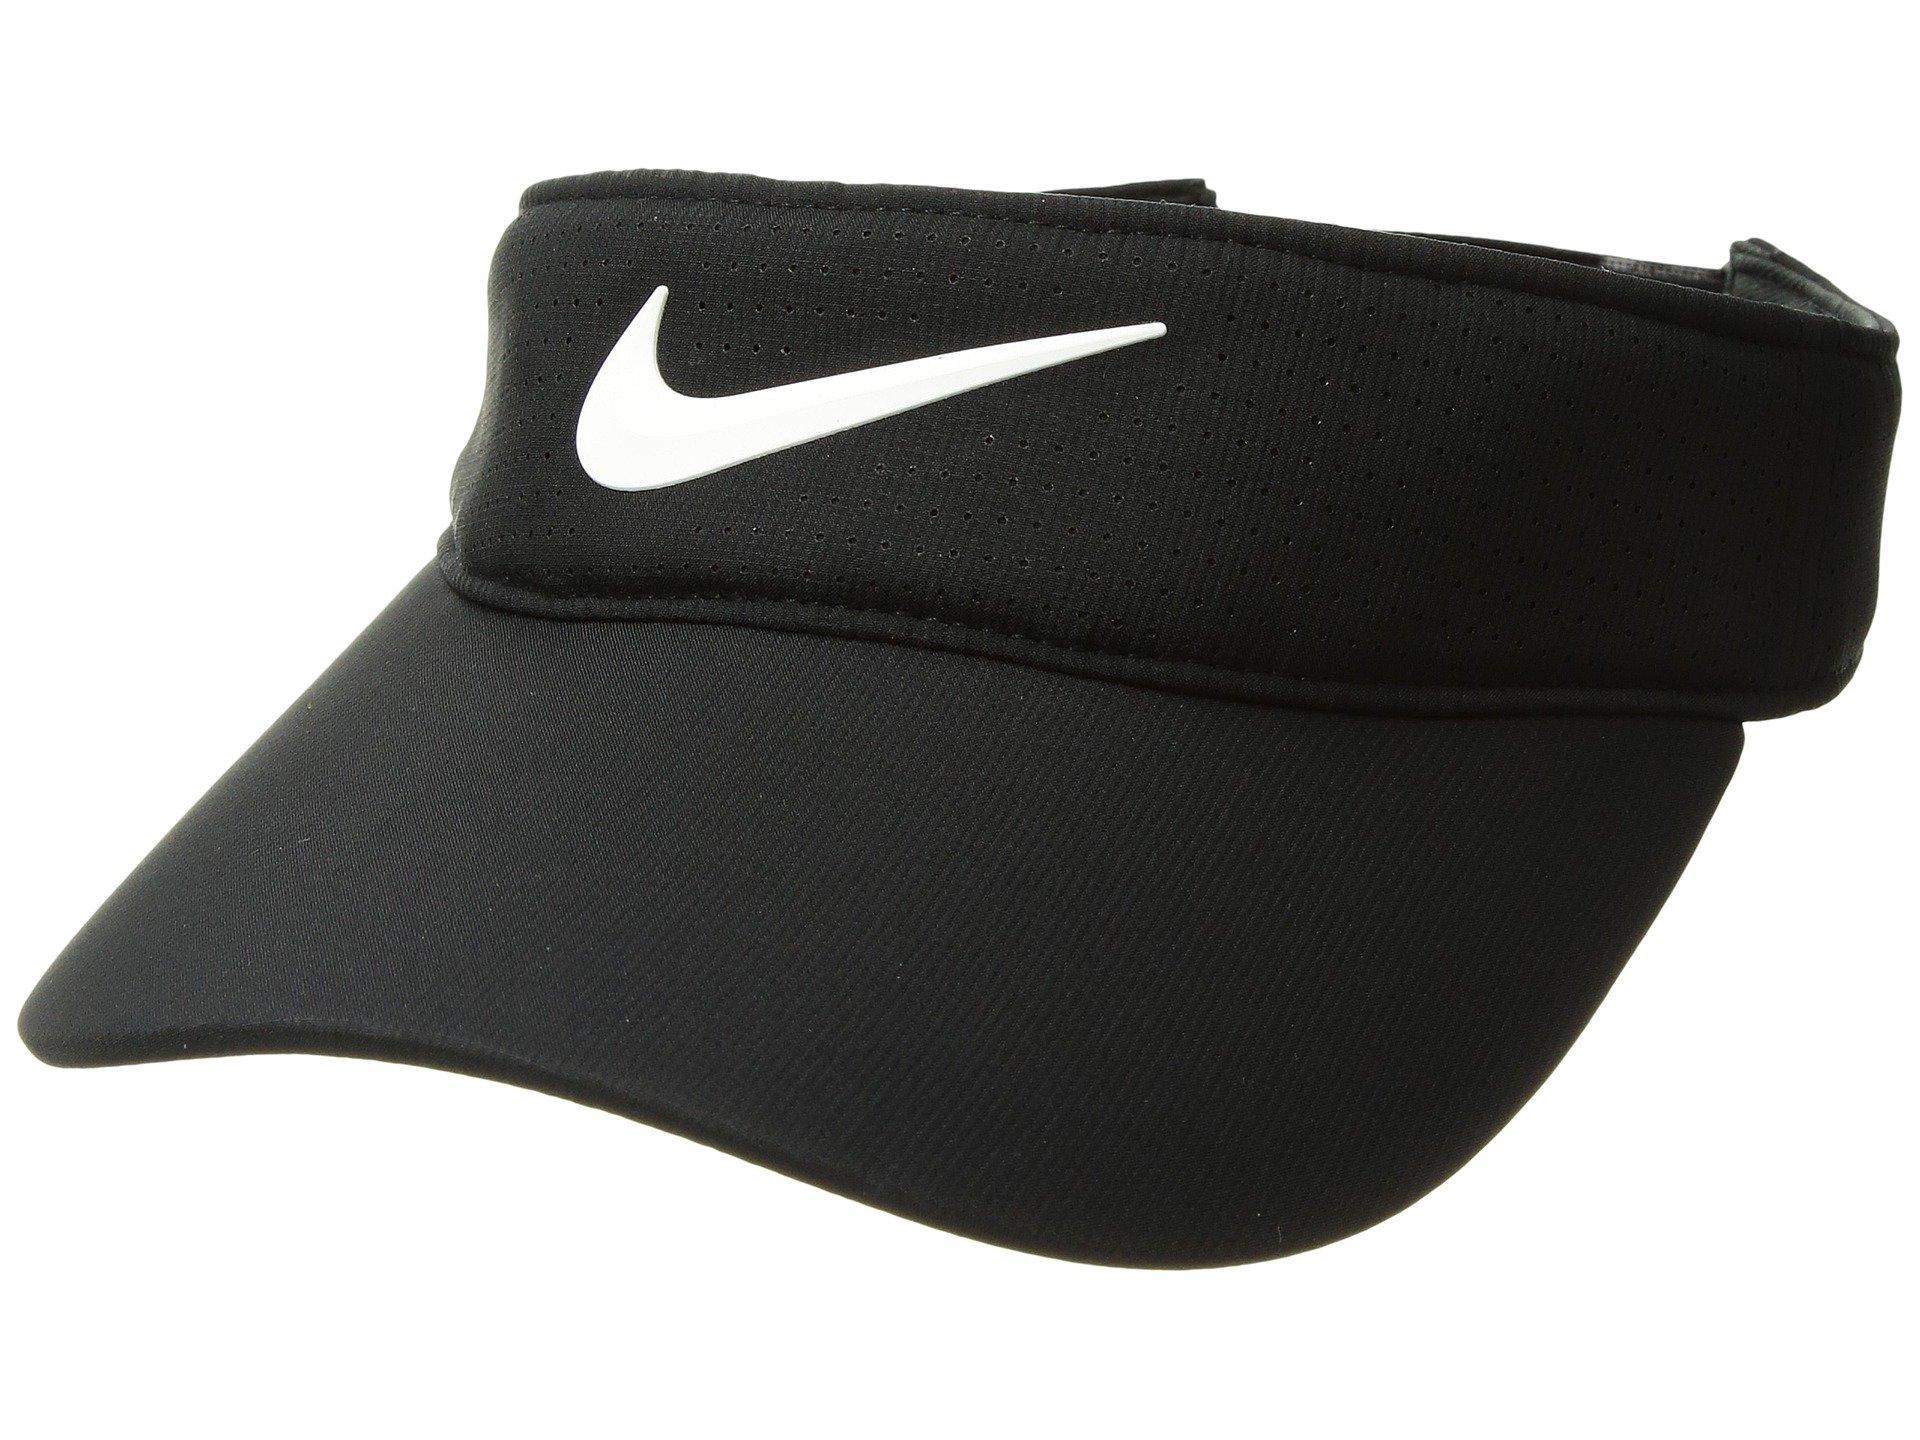 14803768450e9 Lyst - Nike Aerobill Visor (white anthracite black) Caps in Black